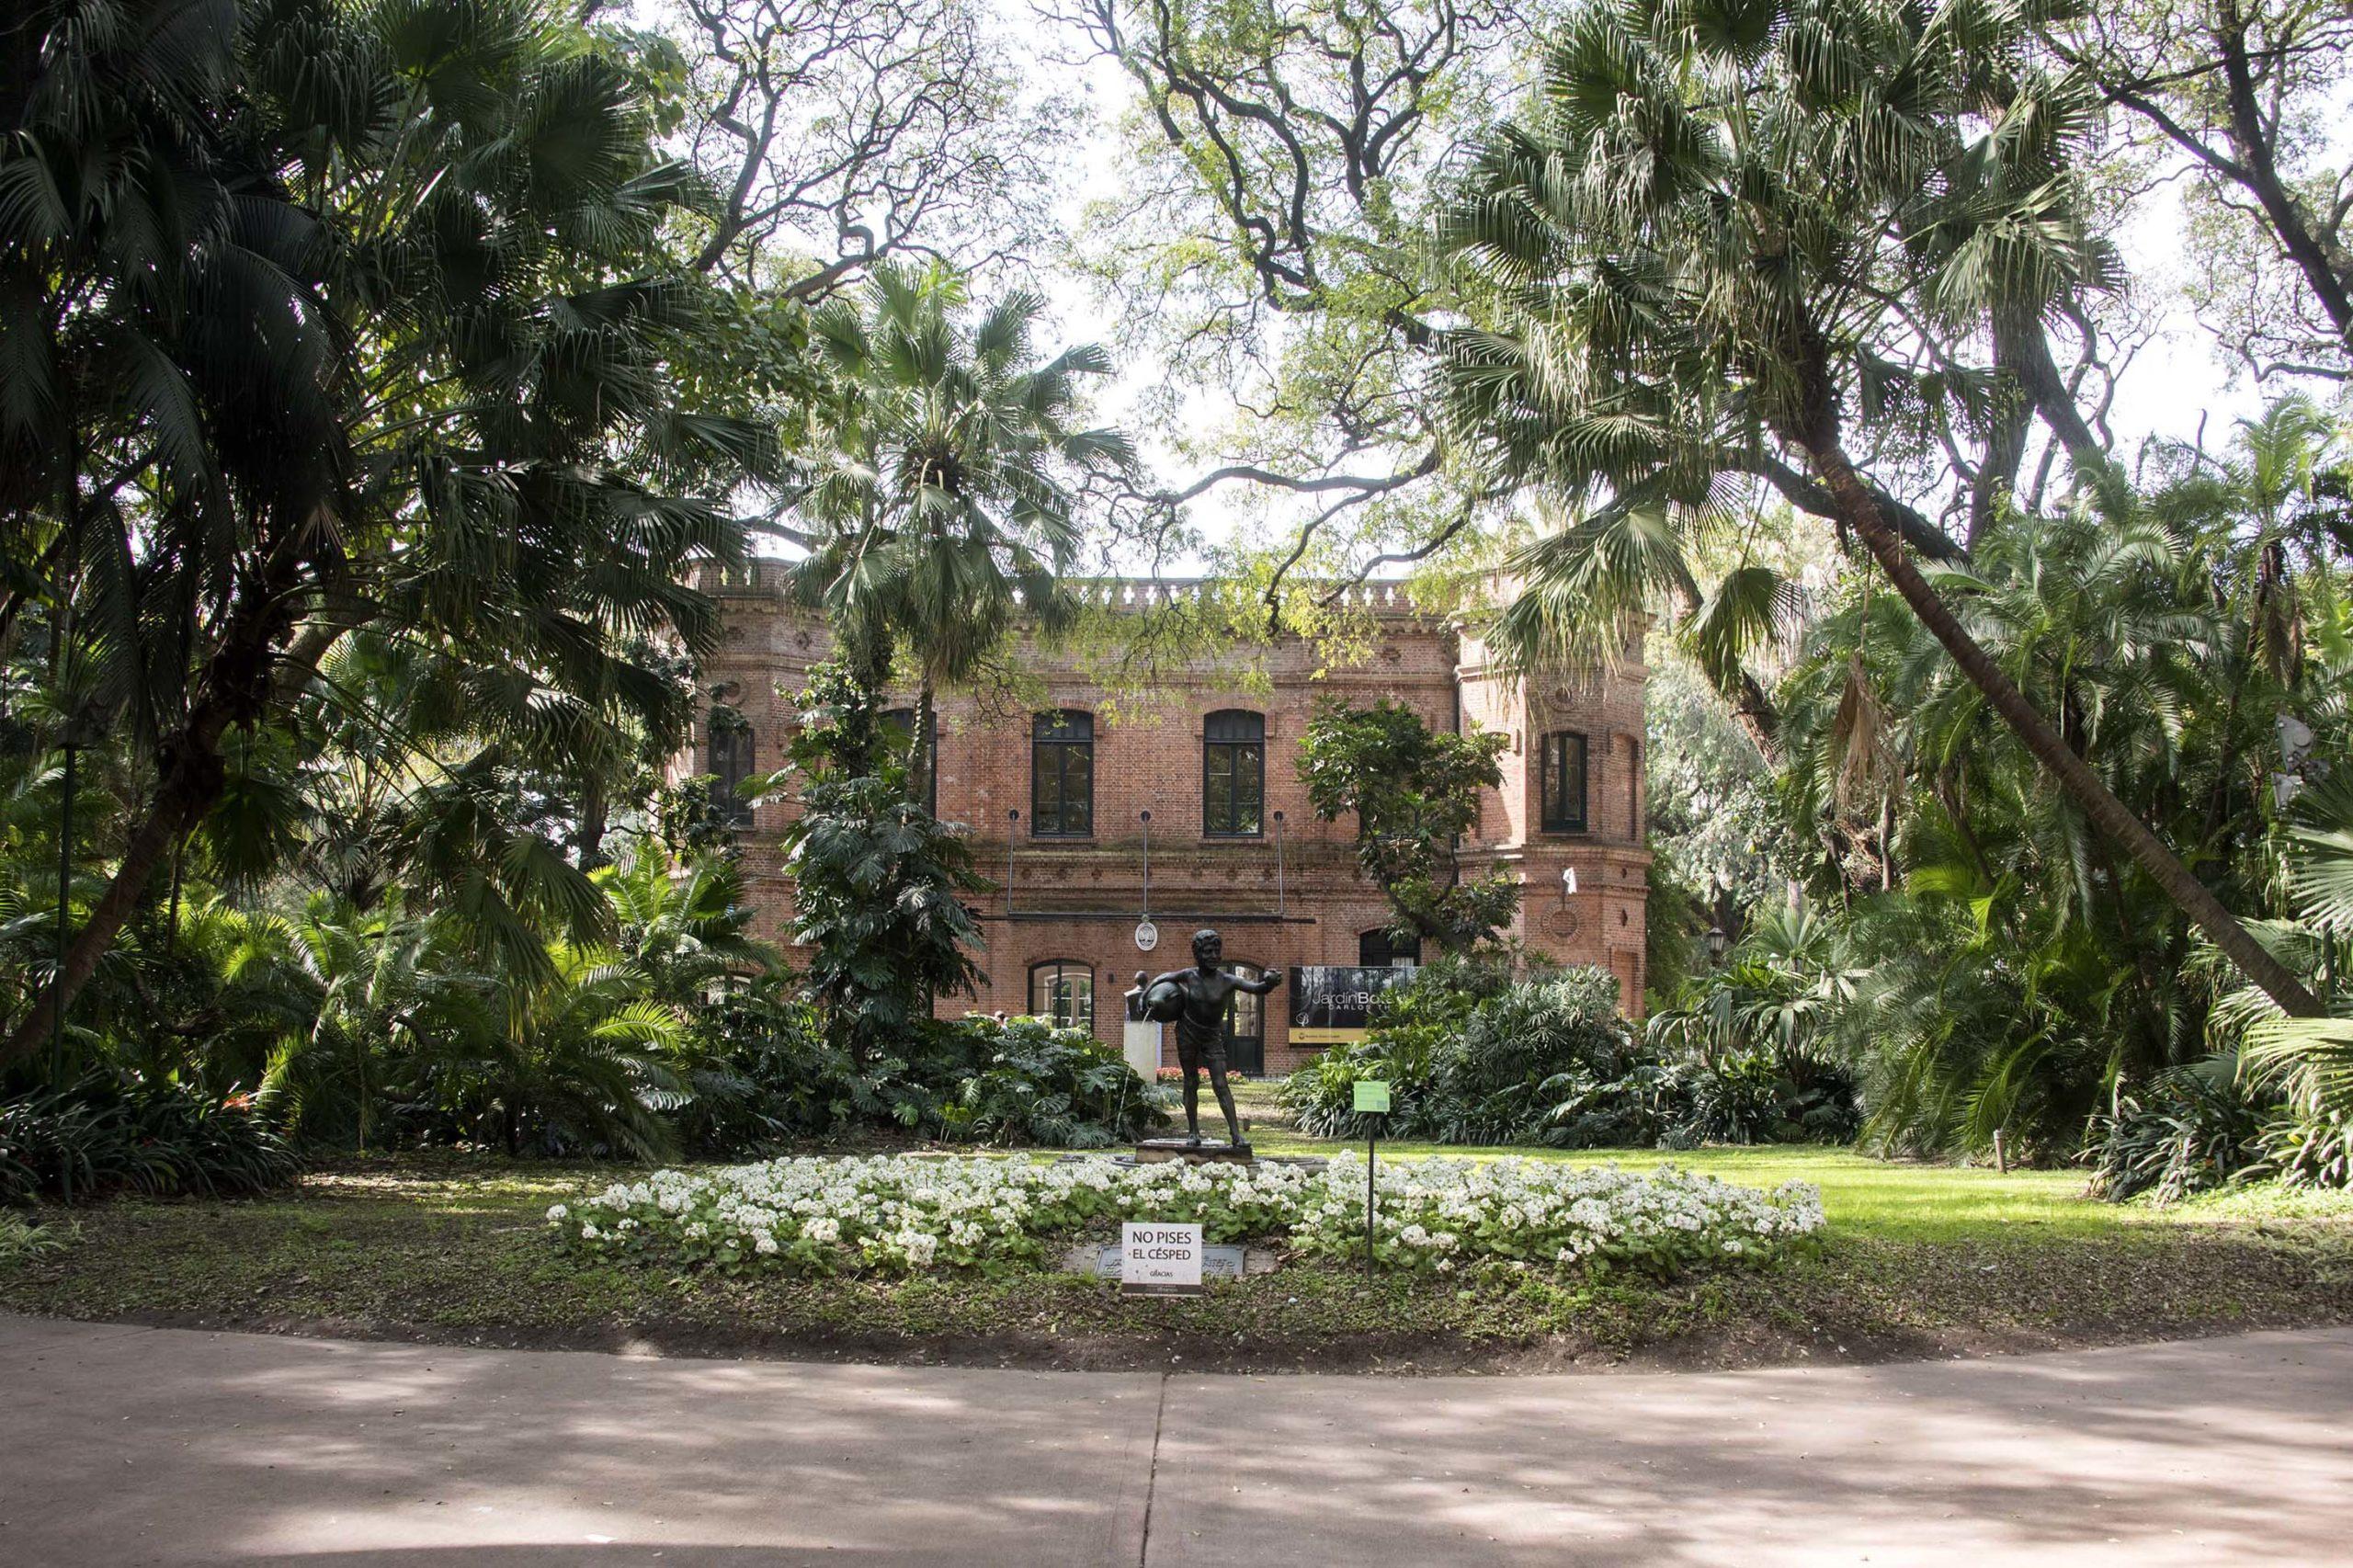 Día de los enamorados: cinco espacios verdes para festejar en pareja